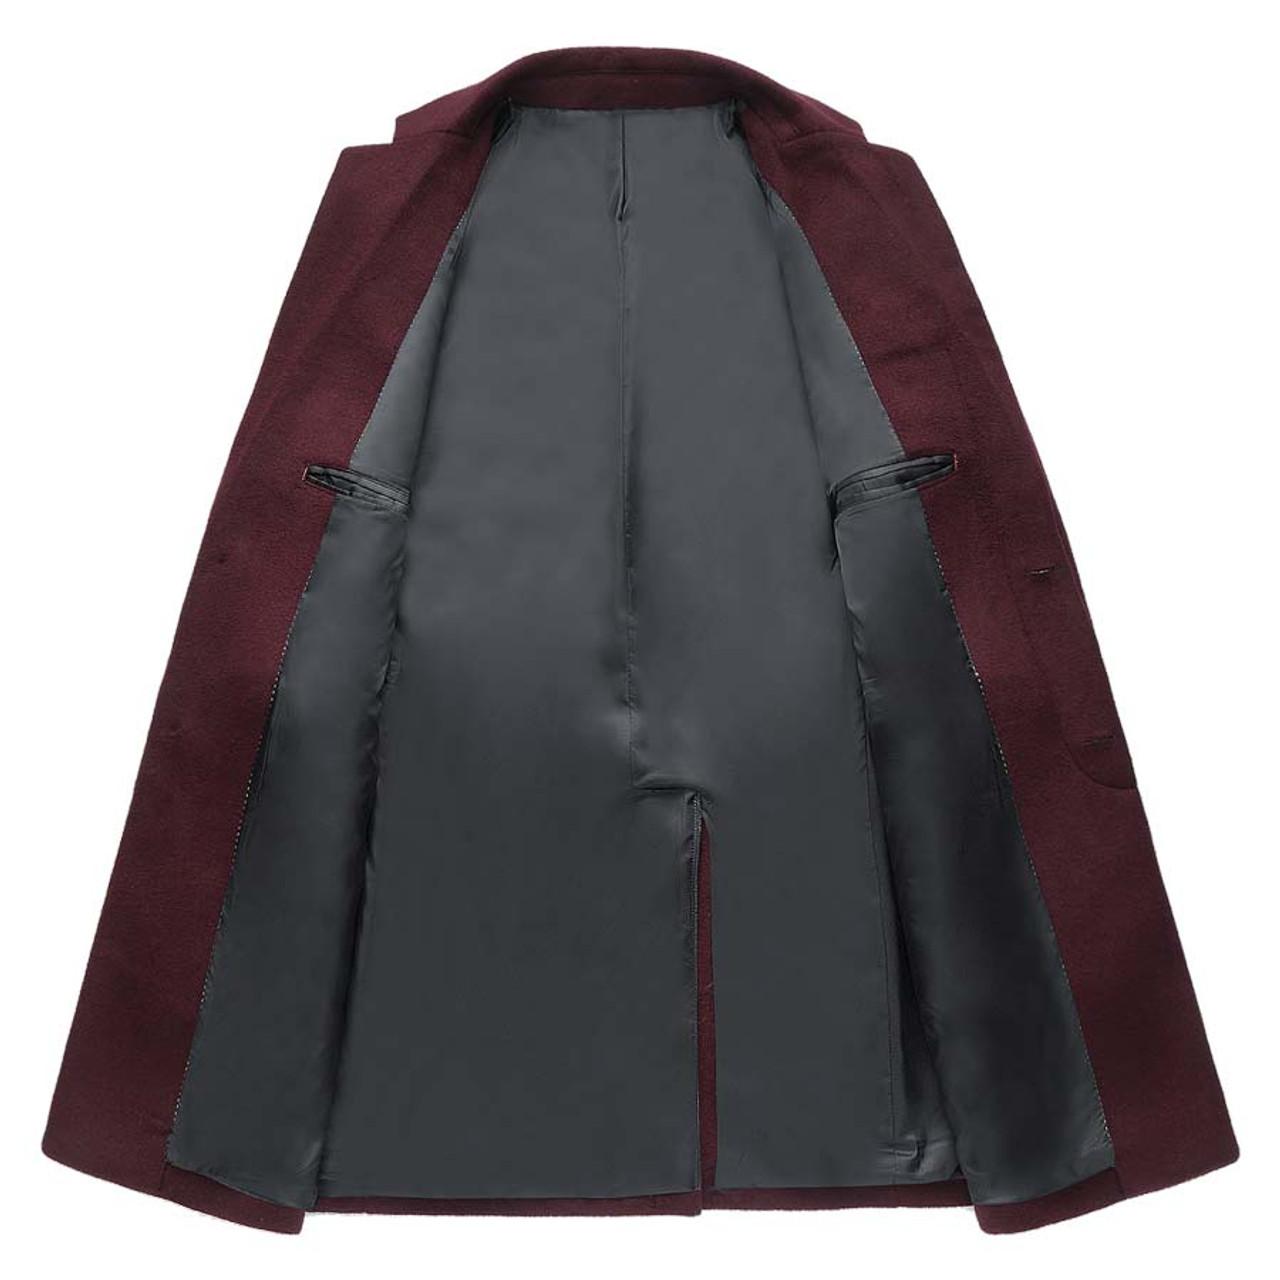 good looking 2020 best deals on Mwxsd brand winter casual Wool coat for men Middle long woolen topcoat  jacket male warm Overcoat Single Breasted wram outwear